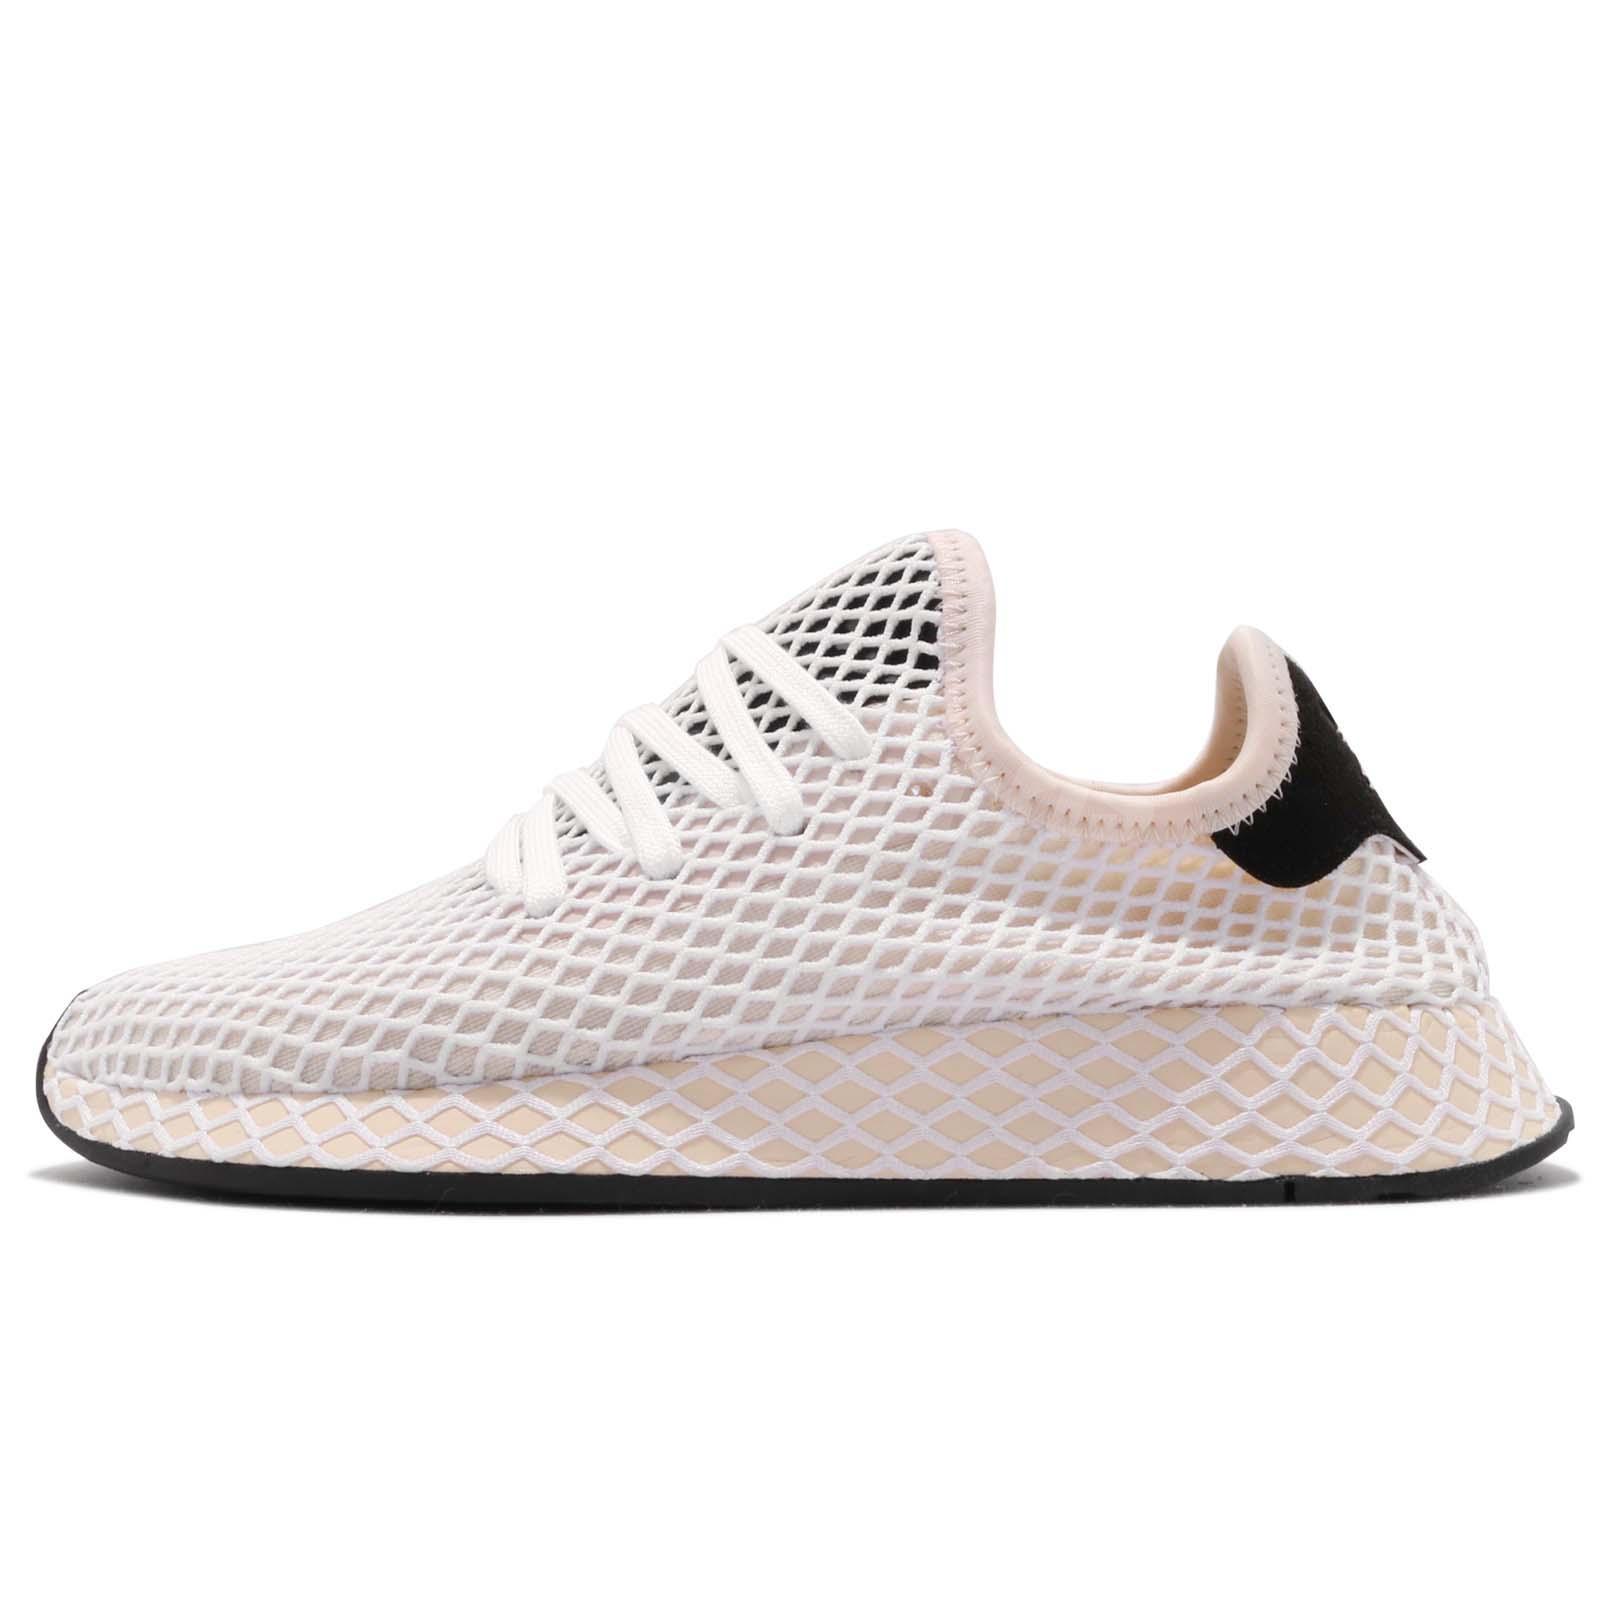 new arrival 2c3b5 e9aa6 adidas Originals Deerupt Runner W Linen Ecru Tint Women Running Shoes CQ2913